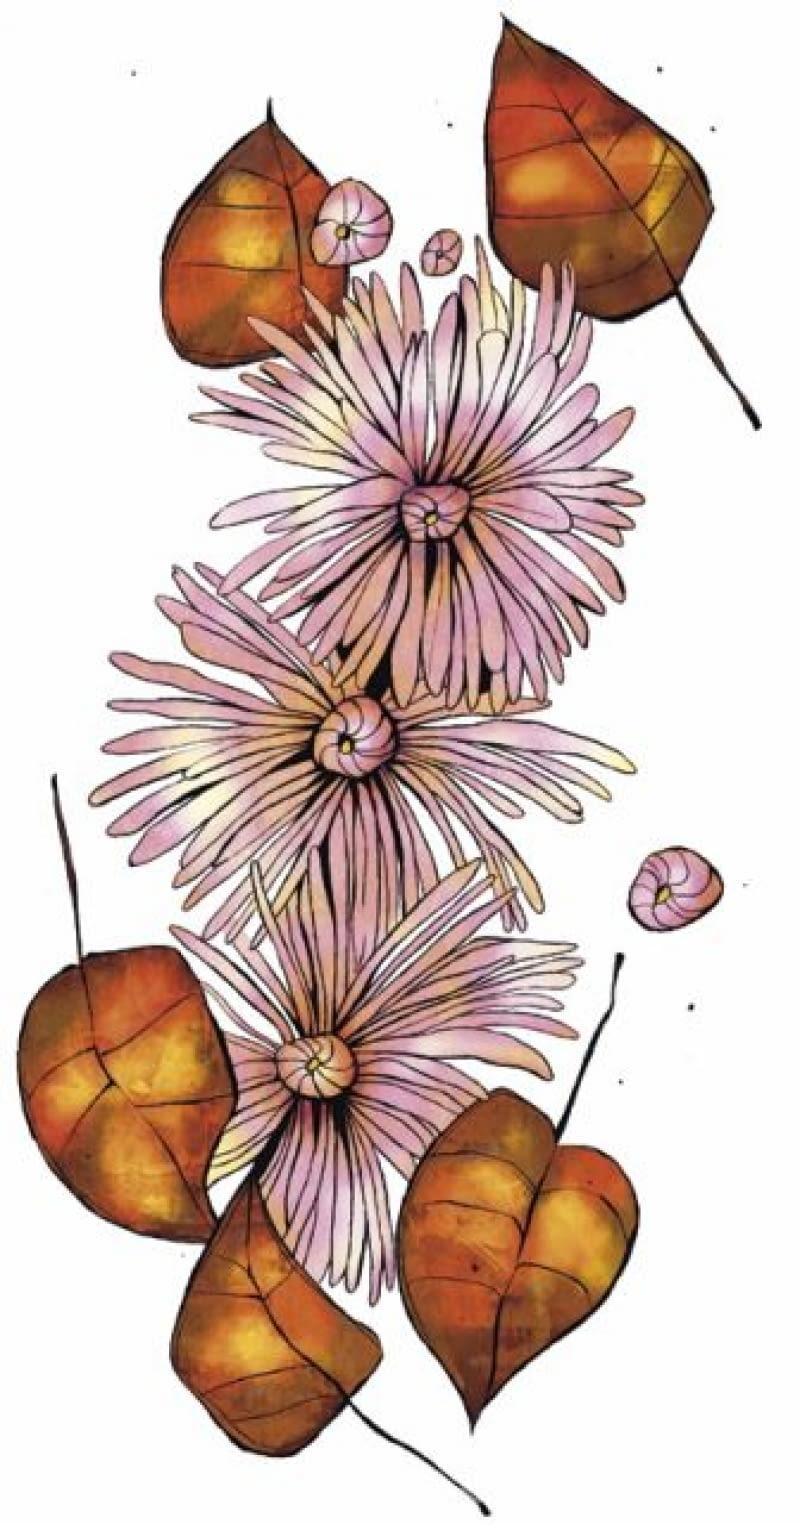 Chryzantemy ogrodowe są w pełni odporne na mróz, ale odmiany doniczkowe tworzące kuliste kępy wymagają okrycia, gdy zapowiadane są nocne przymrozki